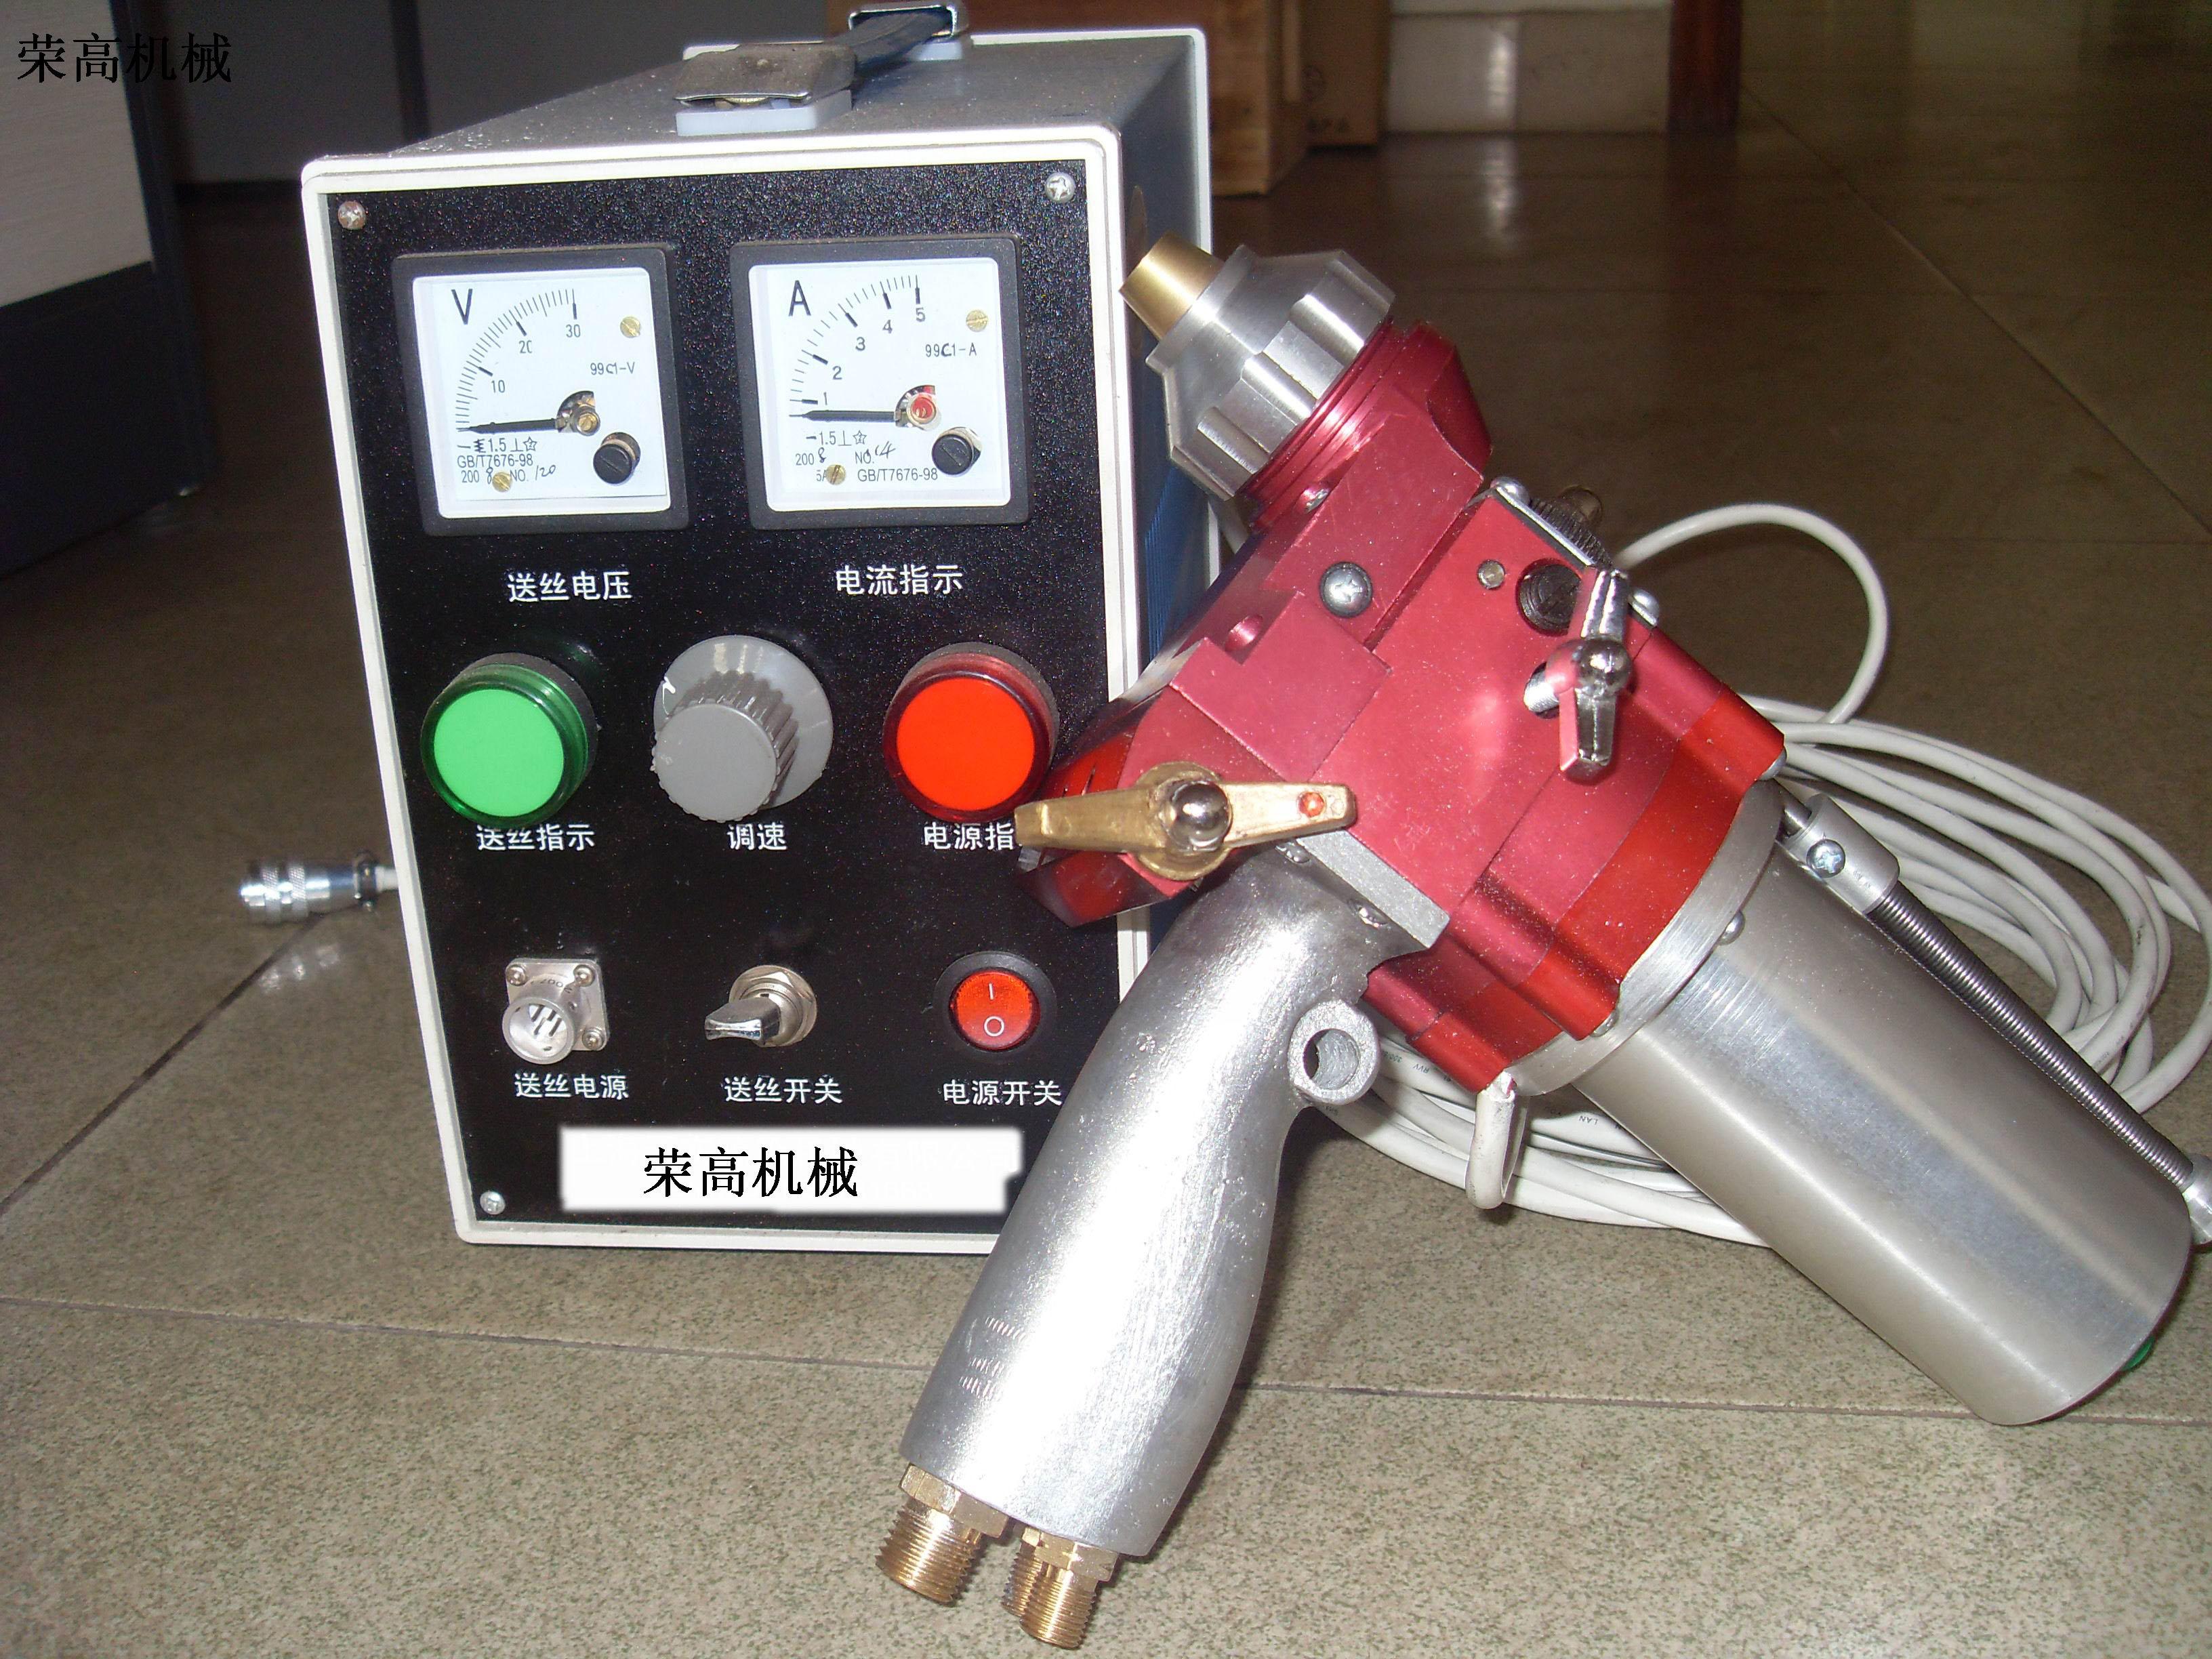 手动喷砂机在使用前工人应该做什么防护